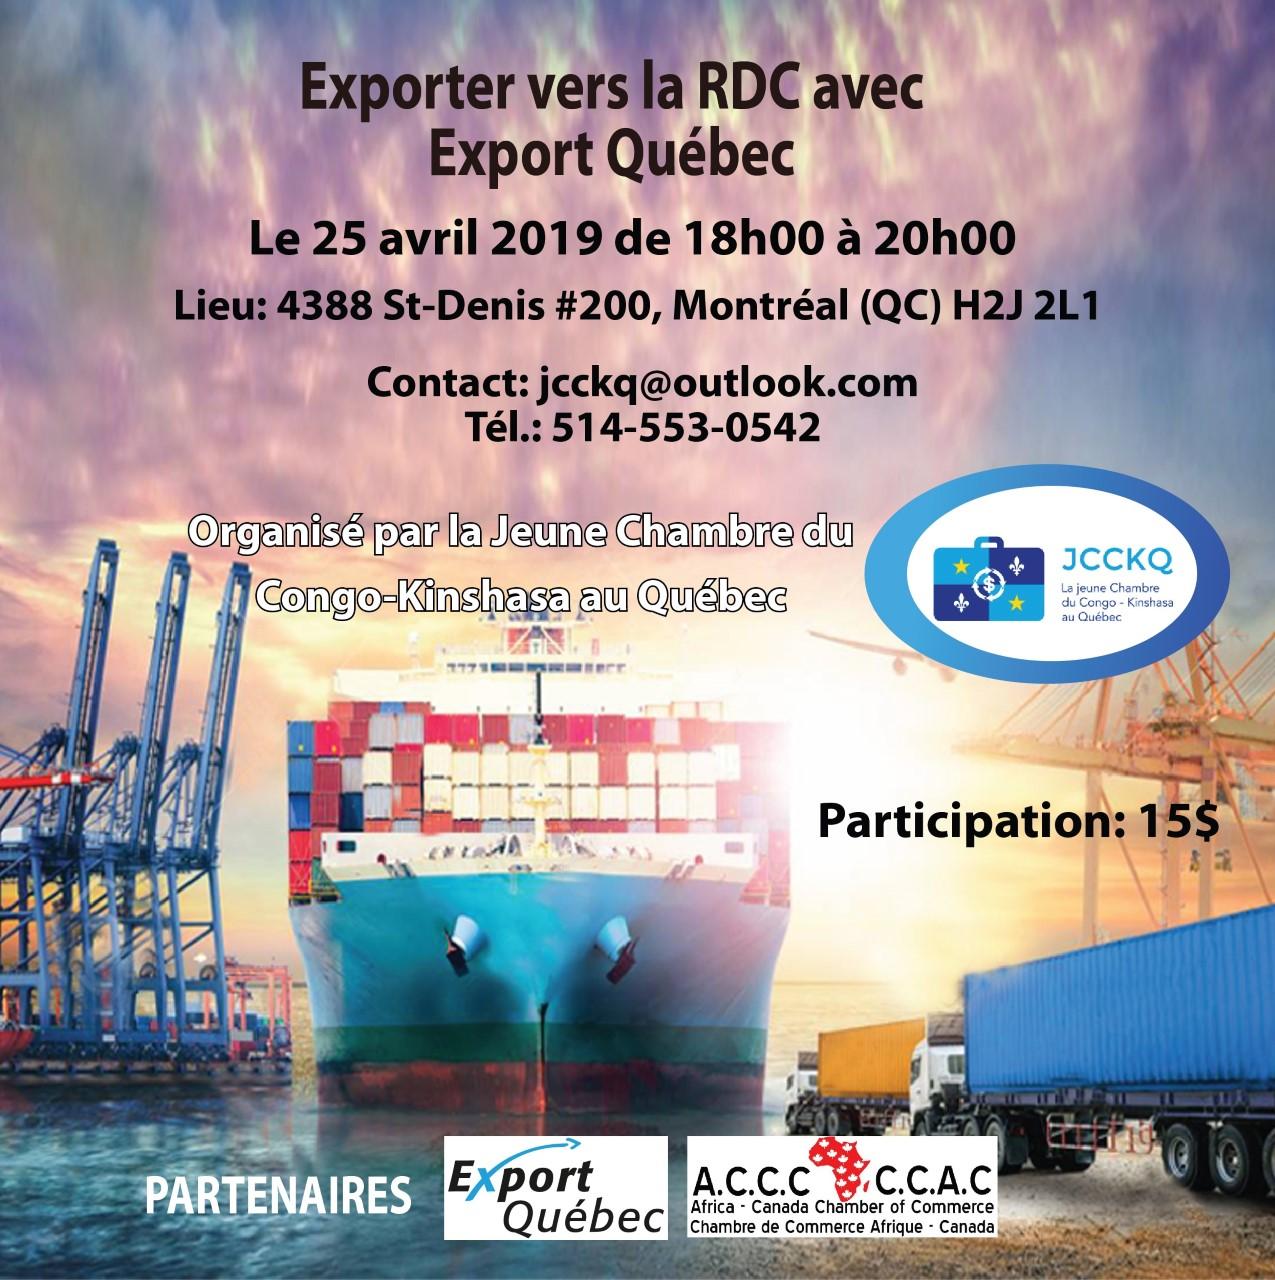 Événement avec Export Québec